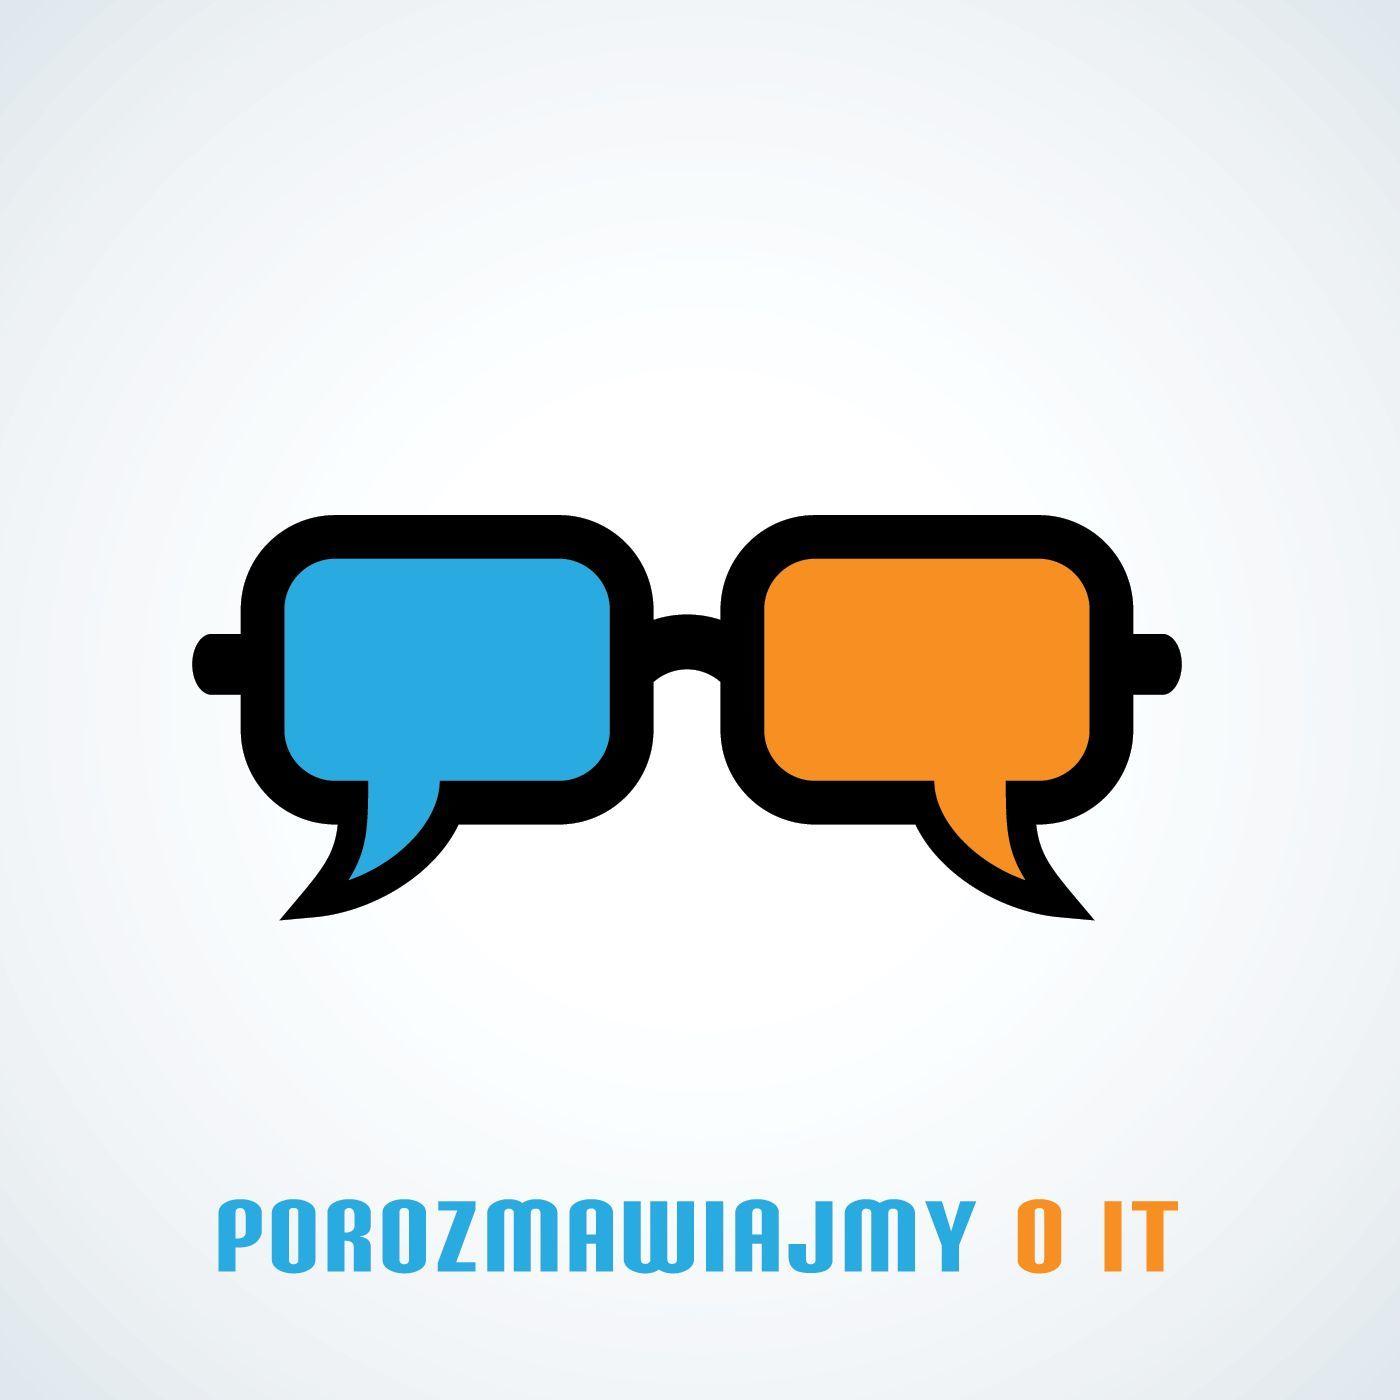 POIT 005: Programowanie aplikacji mobilnych - Android